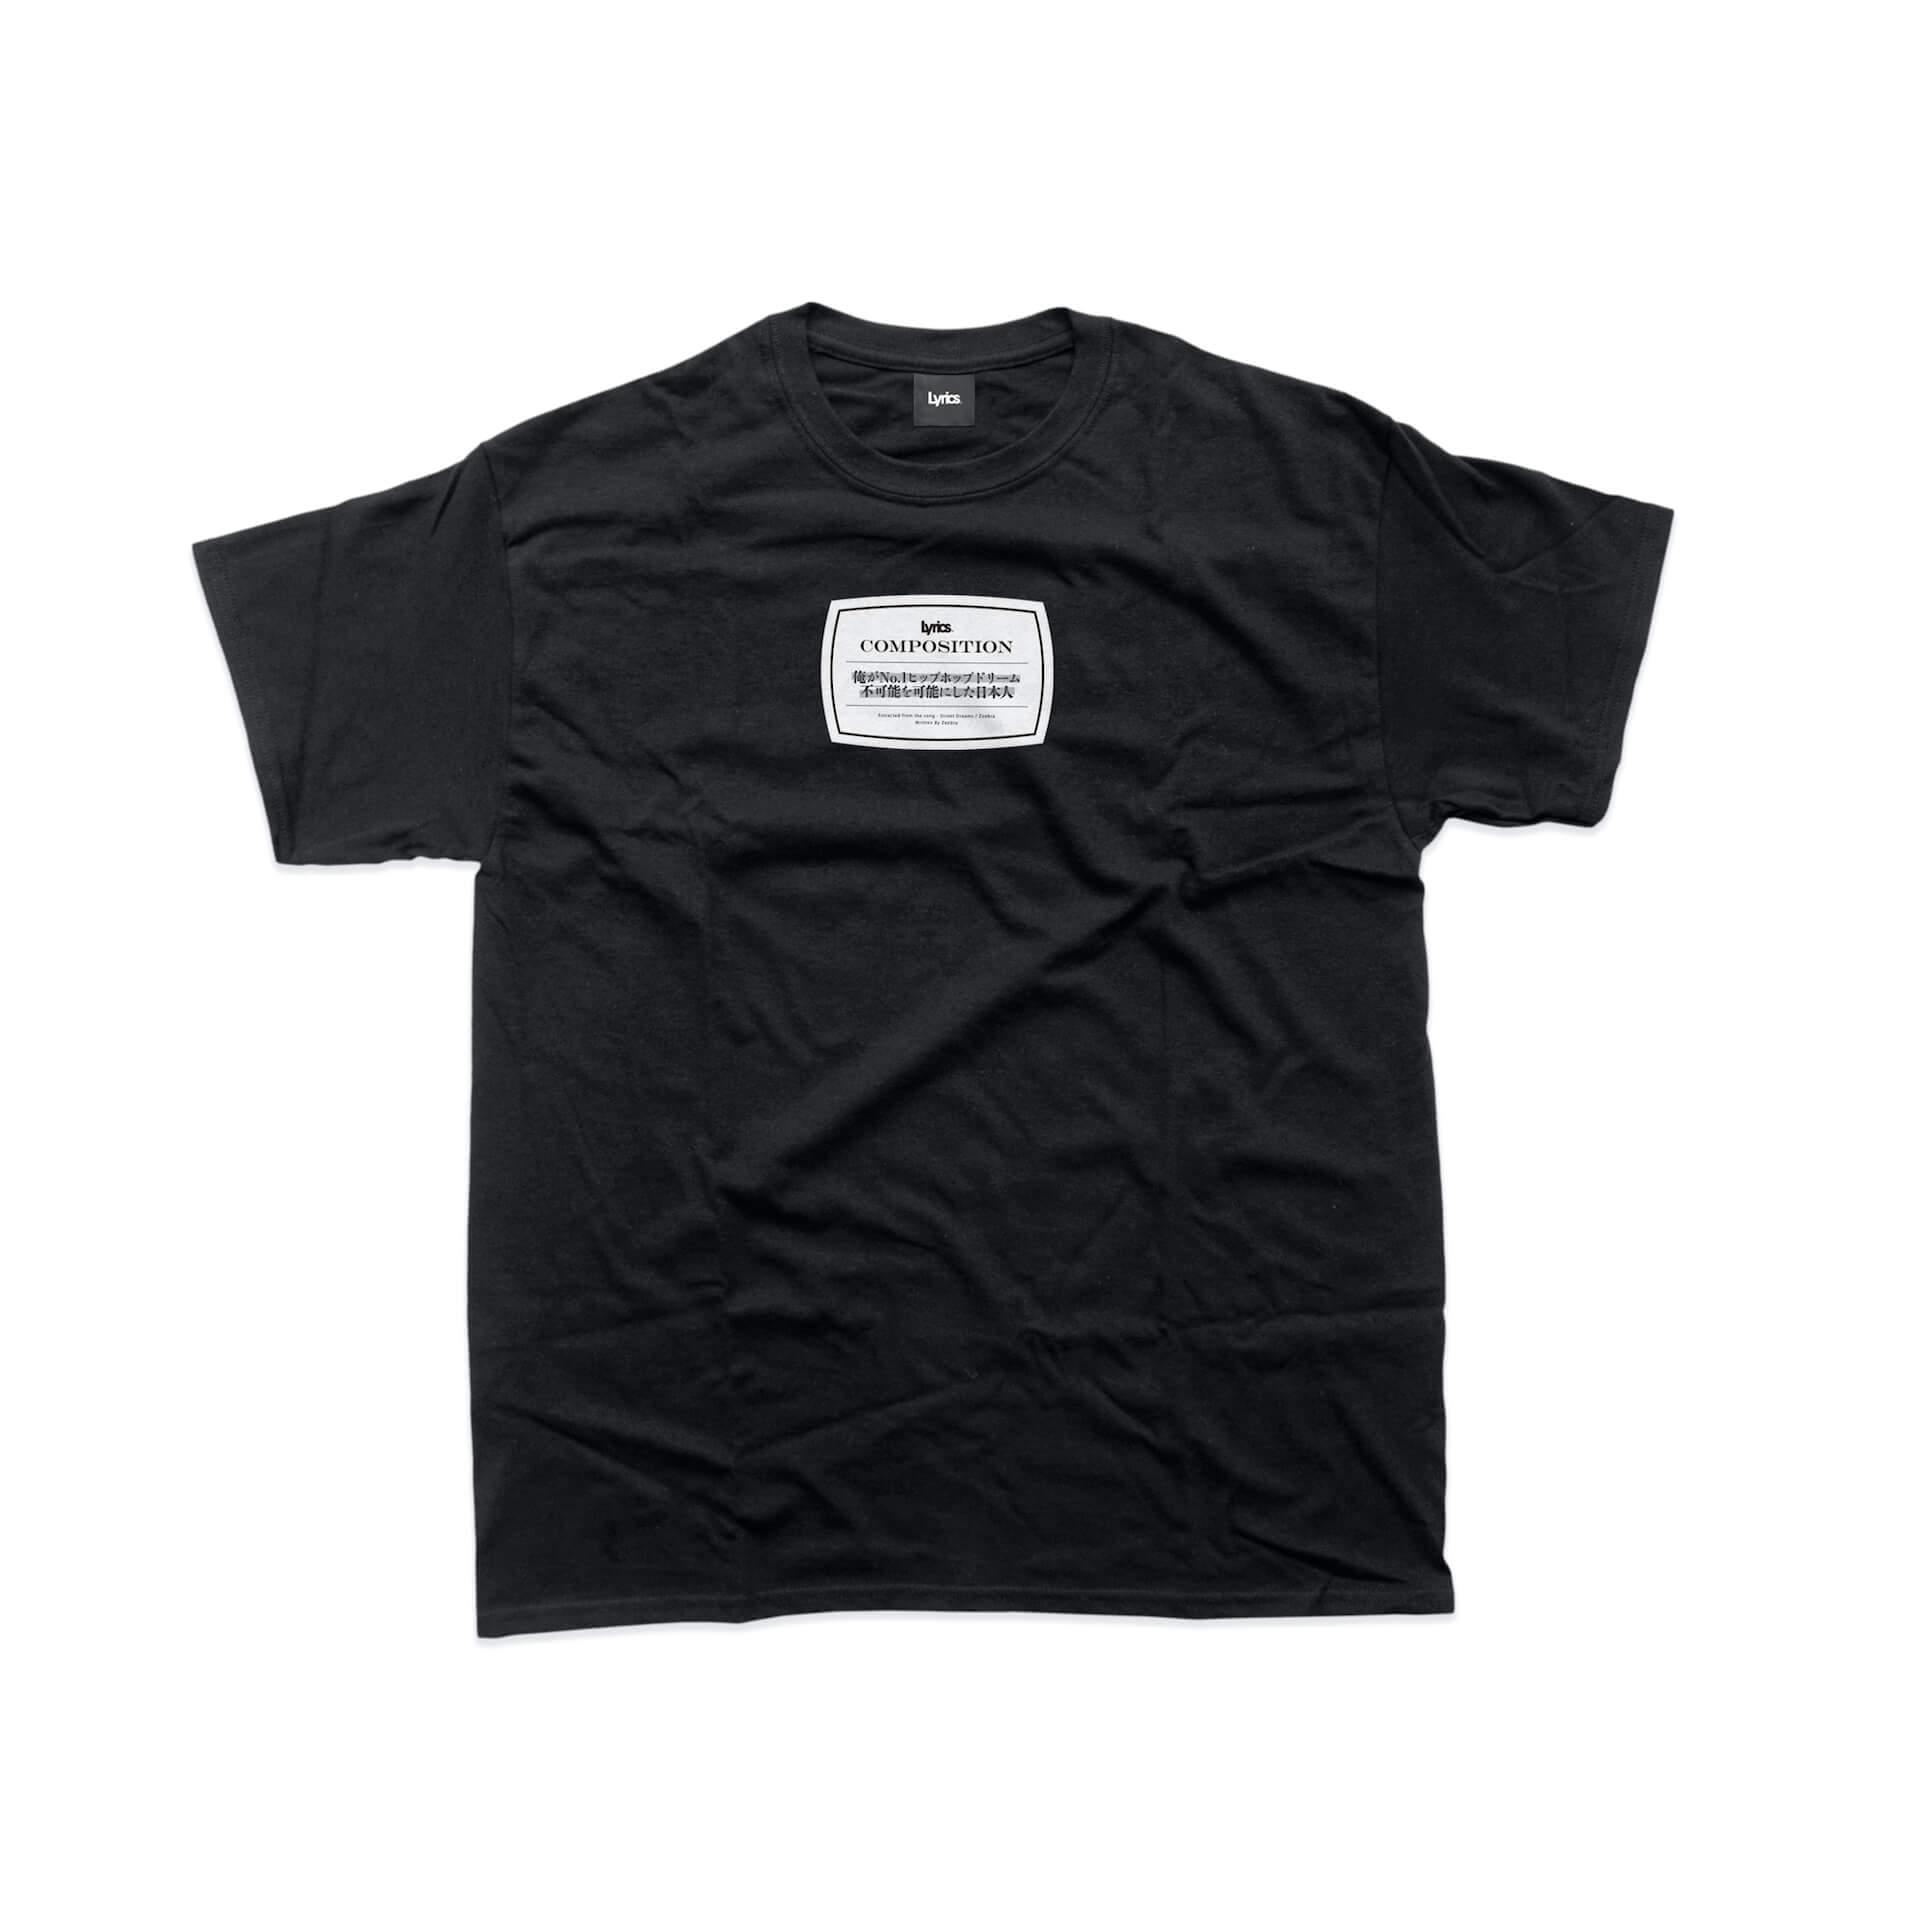 Zeebra、NIPPS、TWIGYのパンチラインがアパレルに!?リリックをデザインに落とし込んだアパレルブランド『Lyrics』が登場! Fashion210608_LYRICS-tshirt2